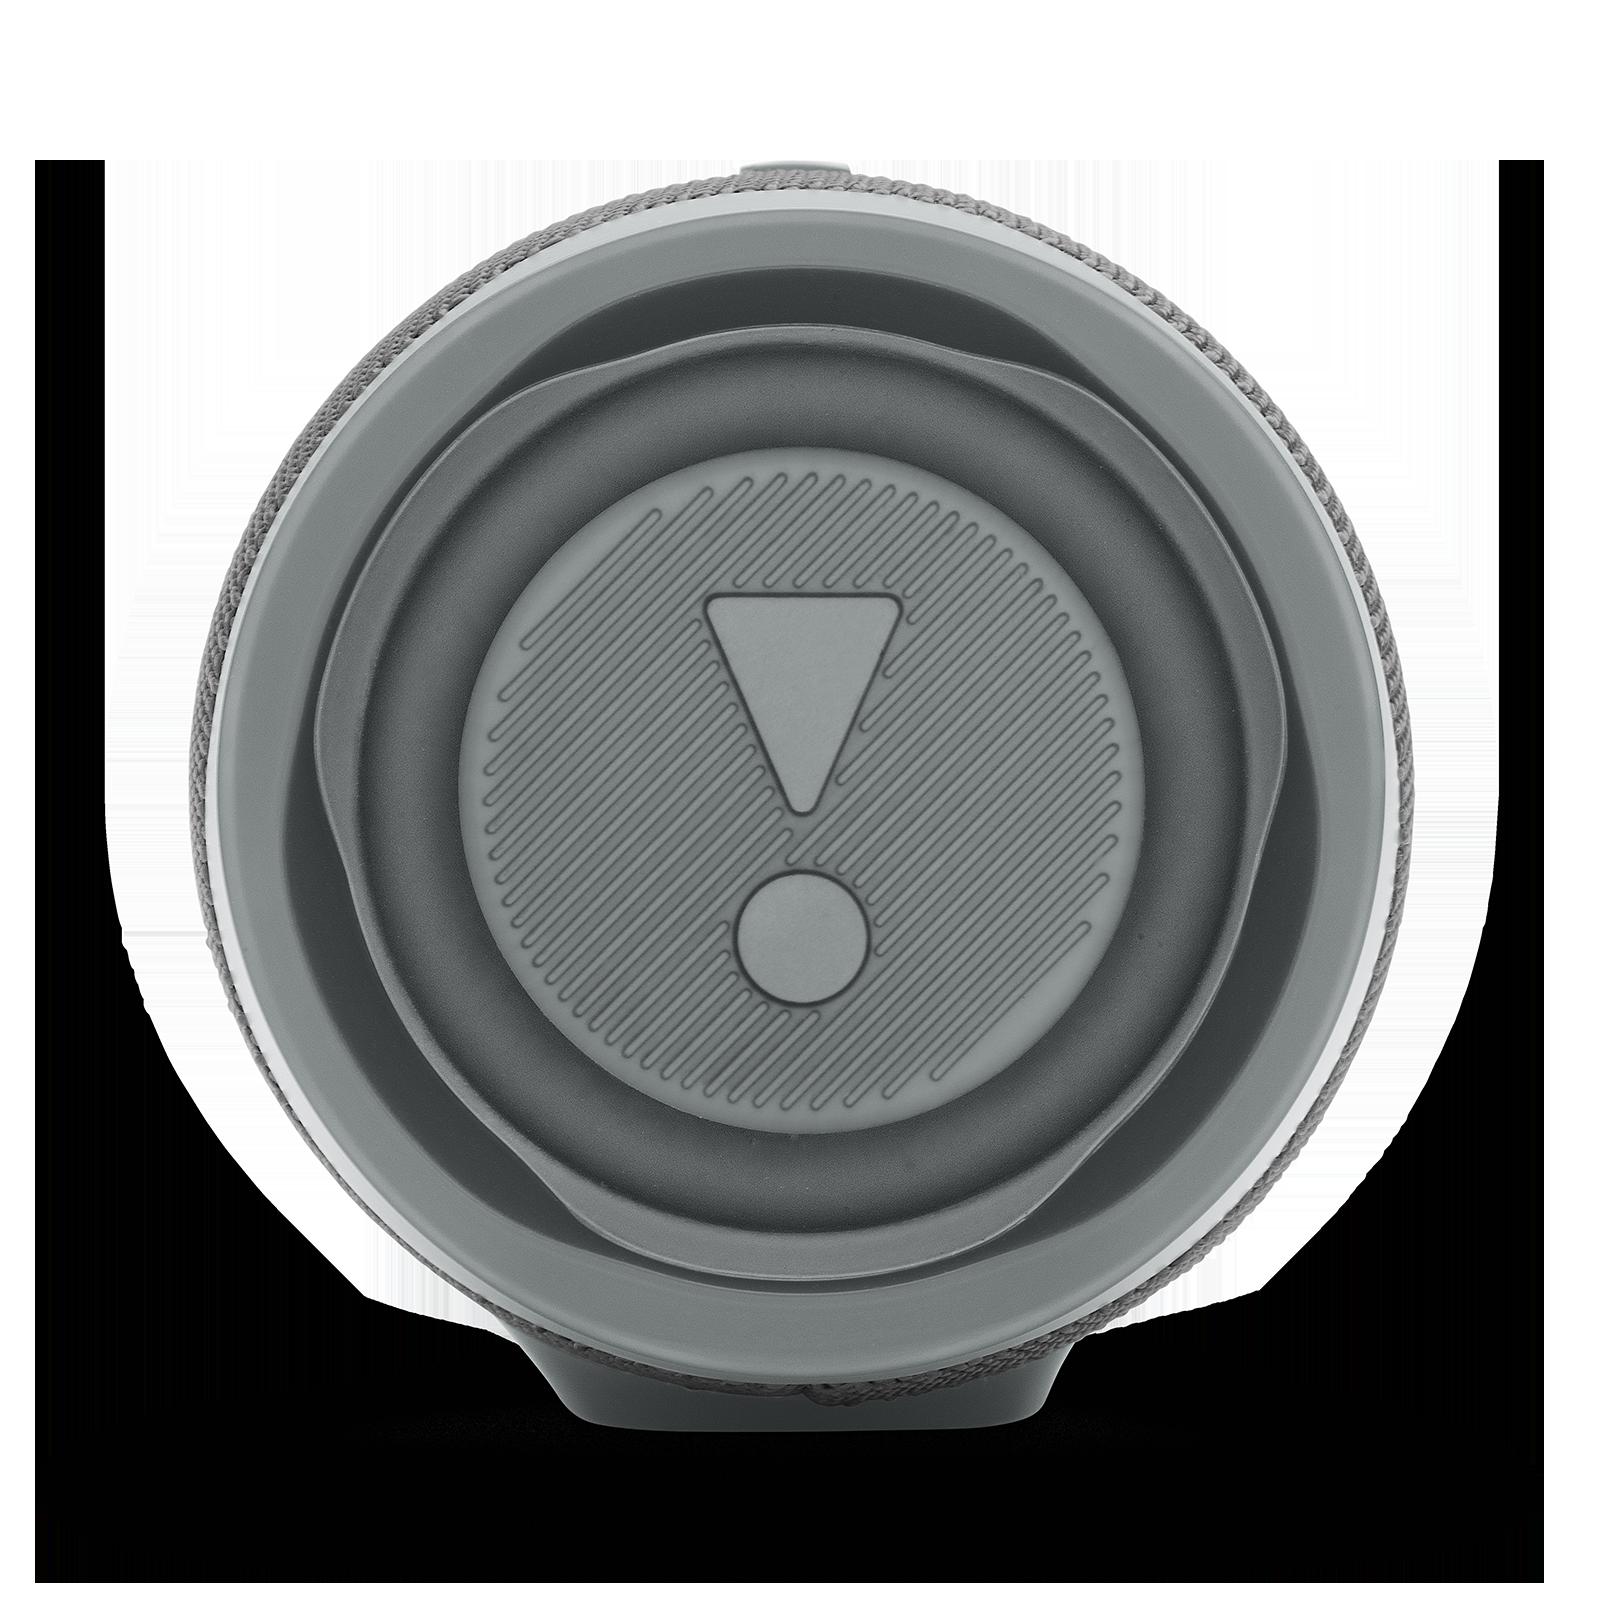 JBL Charge 4 - Grey - Portable Bluetooth speaker - Detailshot 3